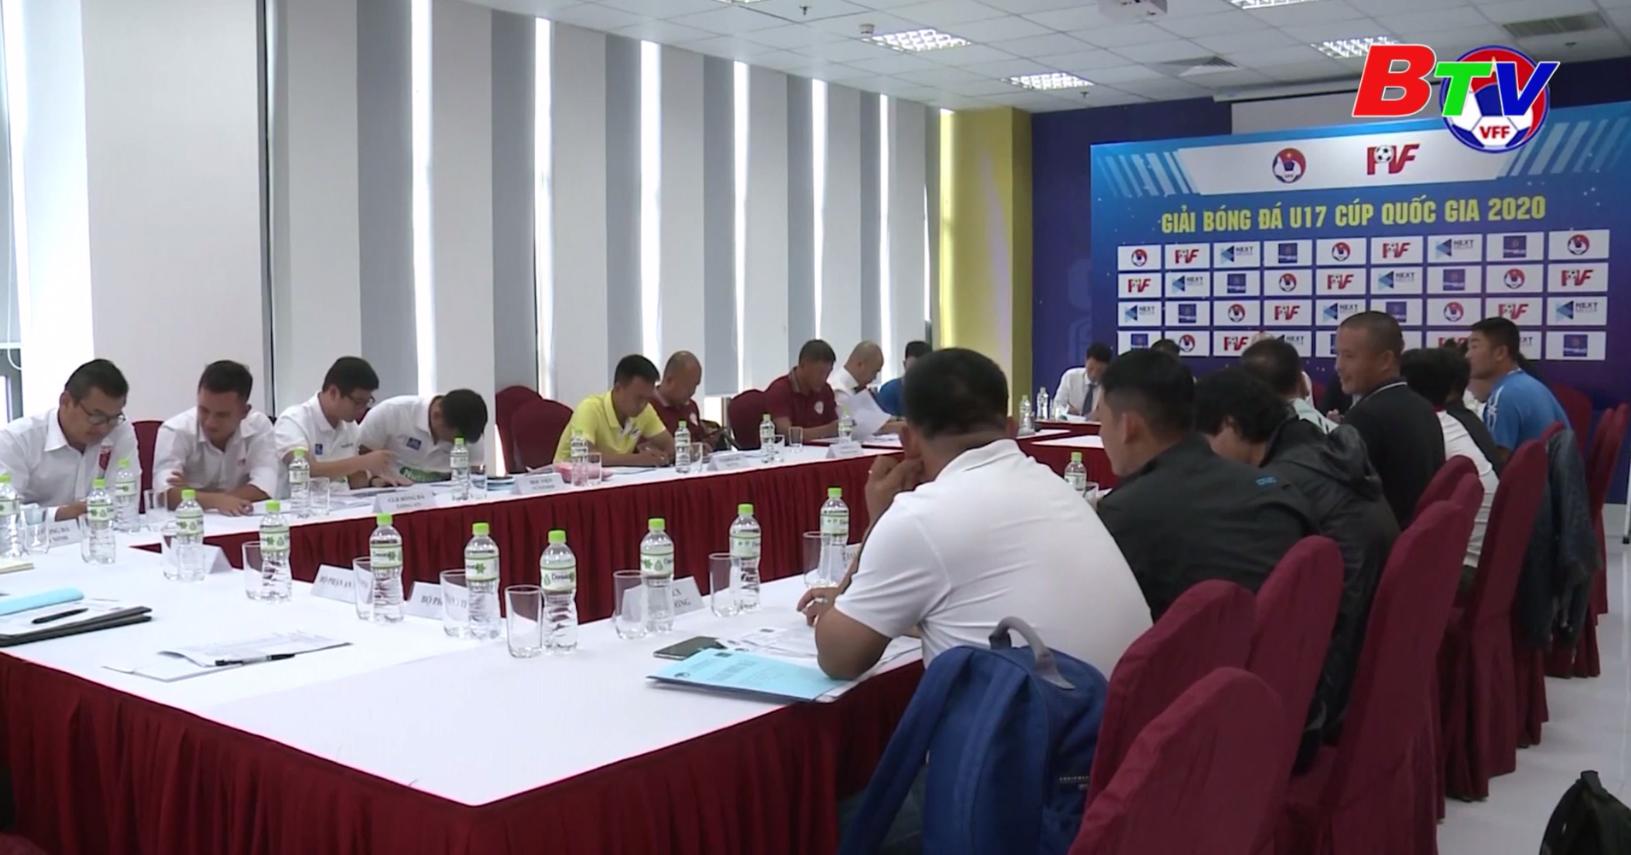 Khởi tranh Vòng chung kết Giải bóng đá U17 Cúp Quốc gia 2020